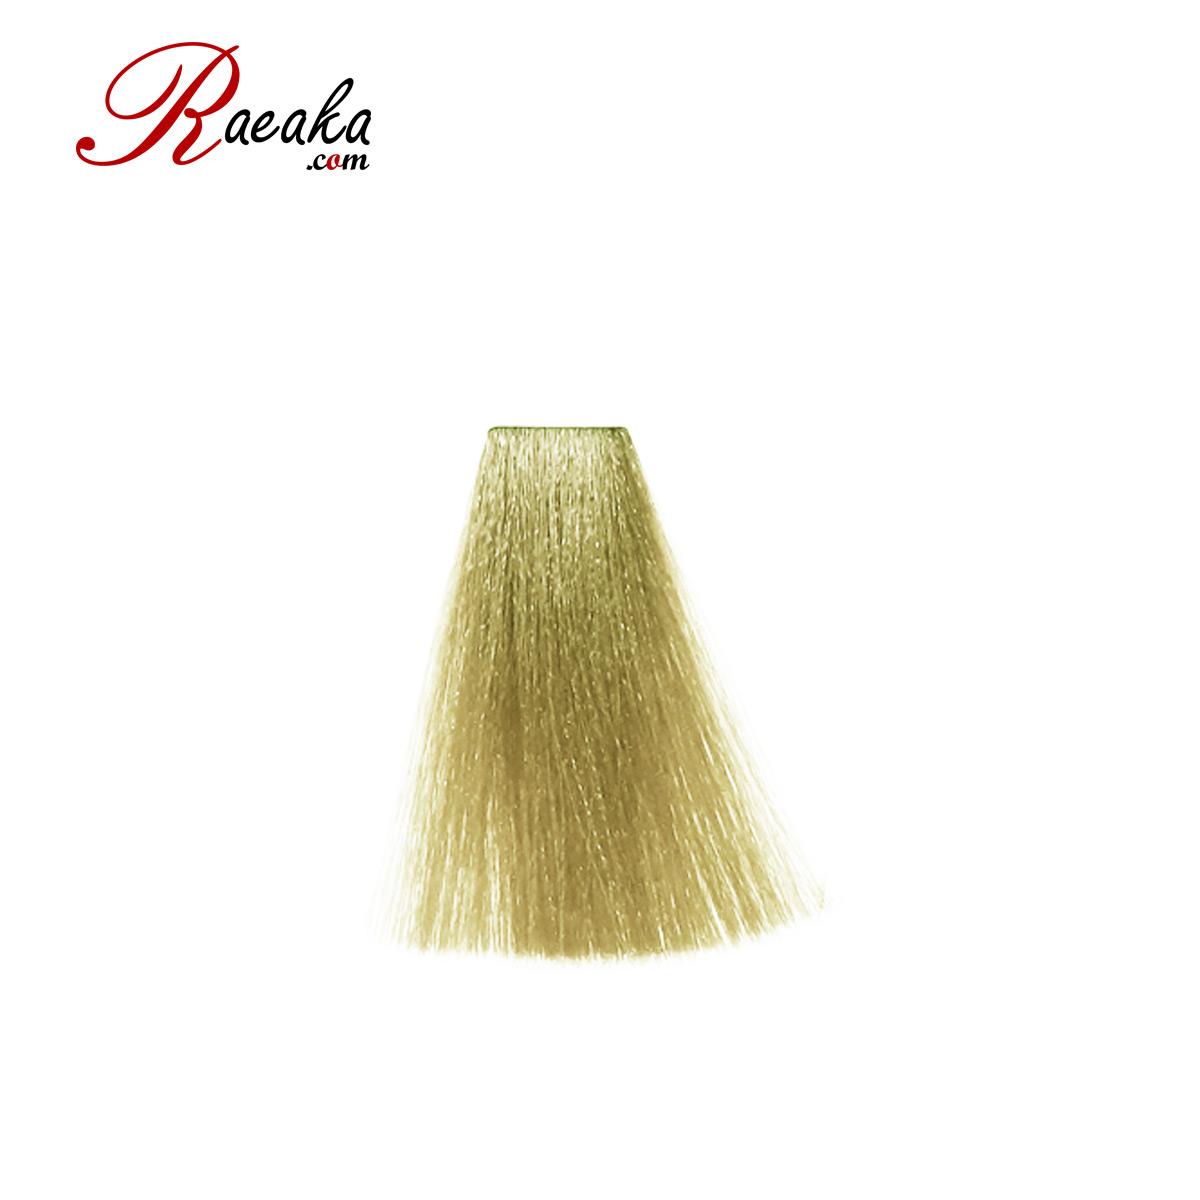 رنگ مو دوشس سری بژ شماره 31-9 حجم 125 میلی لیتر